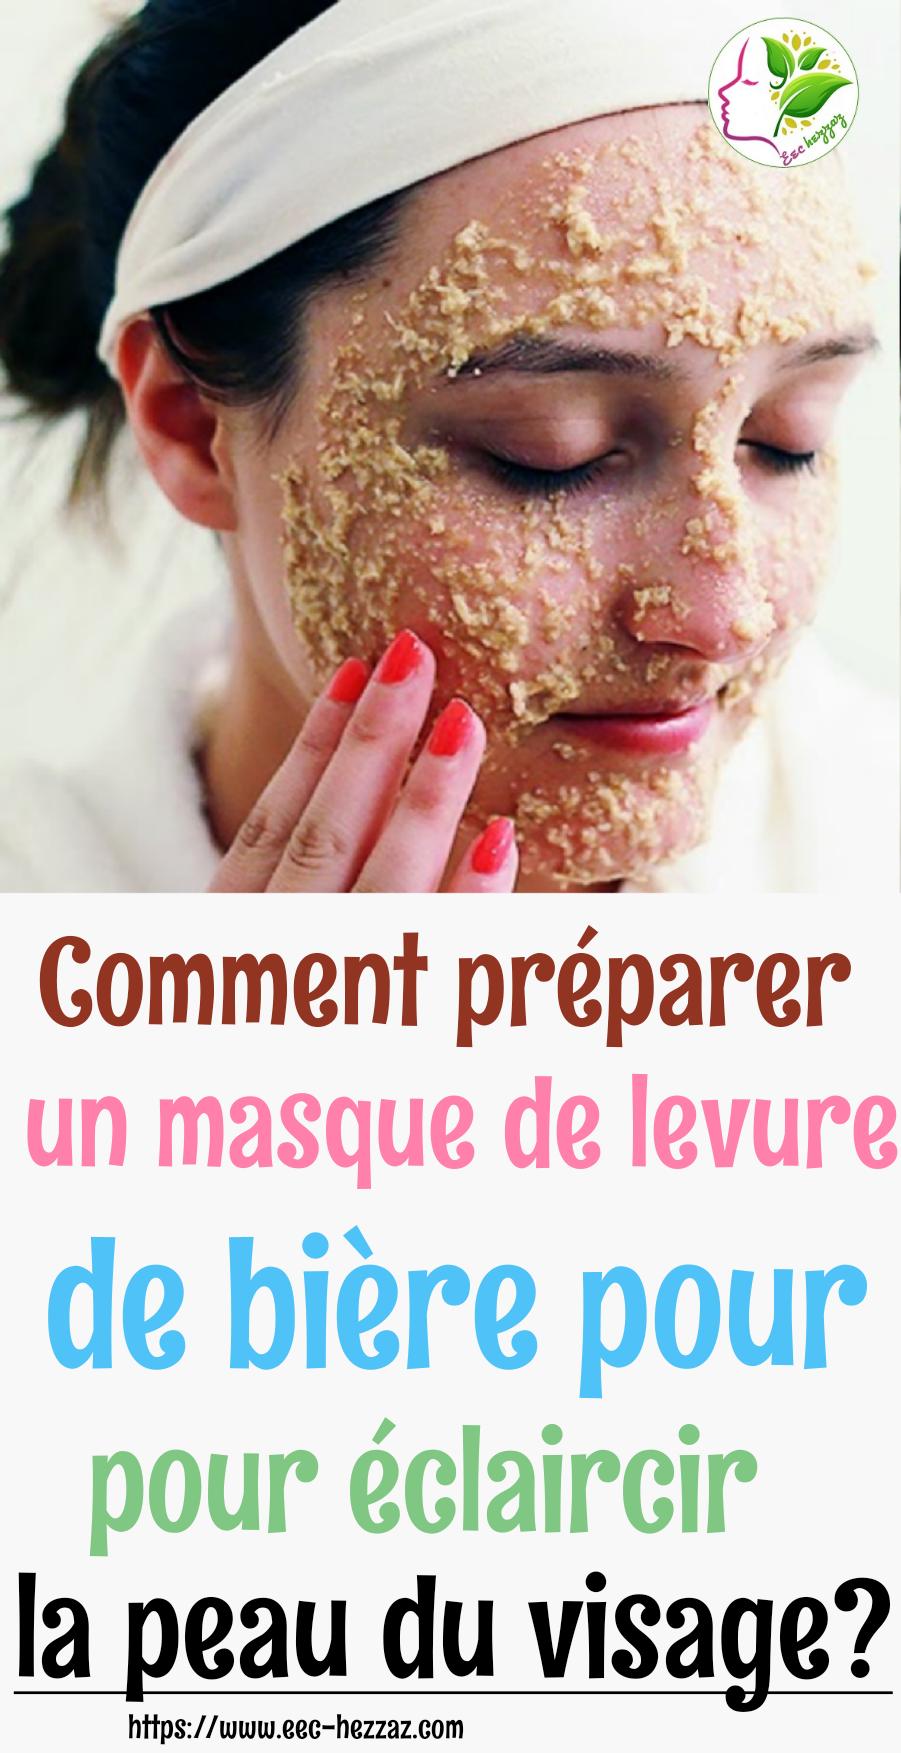 Comment préparer un masque de levure de bière pour éclaircir la peau du visage?